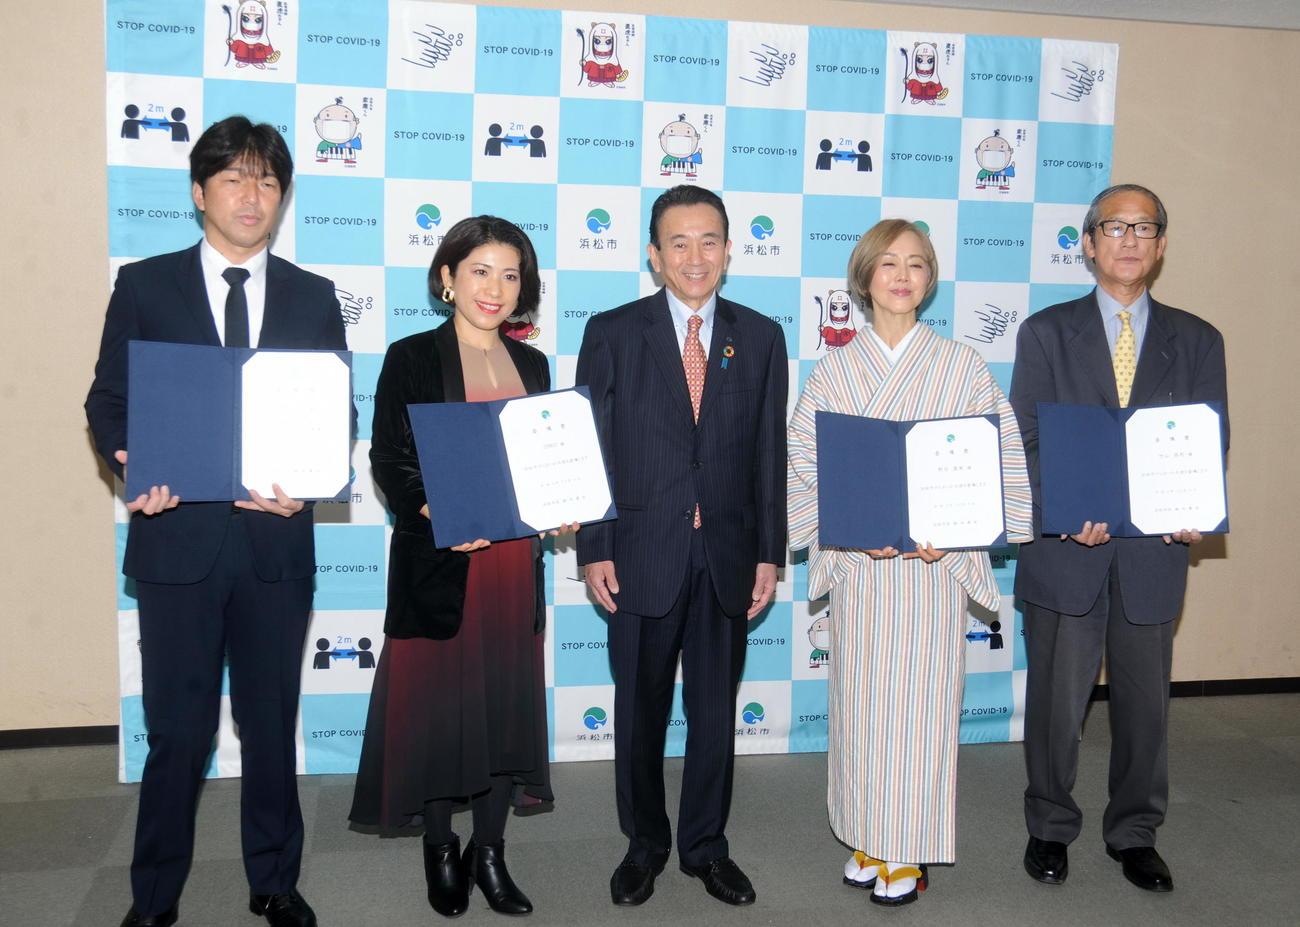 記念写真に納まる、左から名波浩氏、ERIKO、鈴木市長、熊谷真実、竹山昌利氏